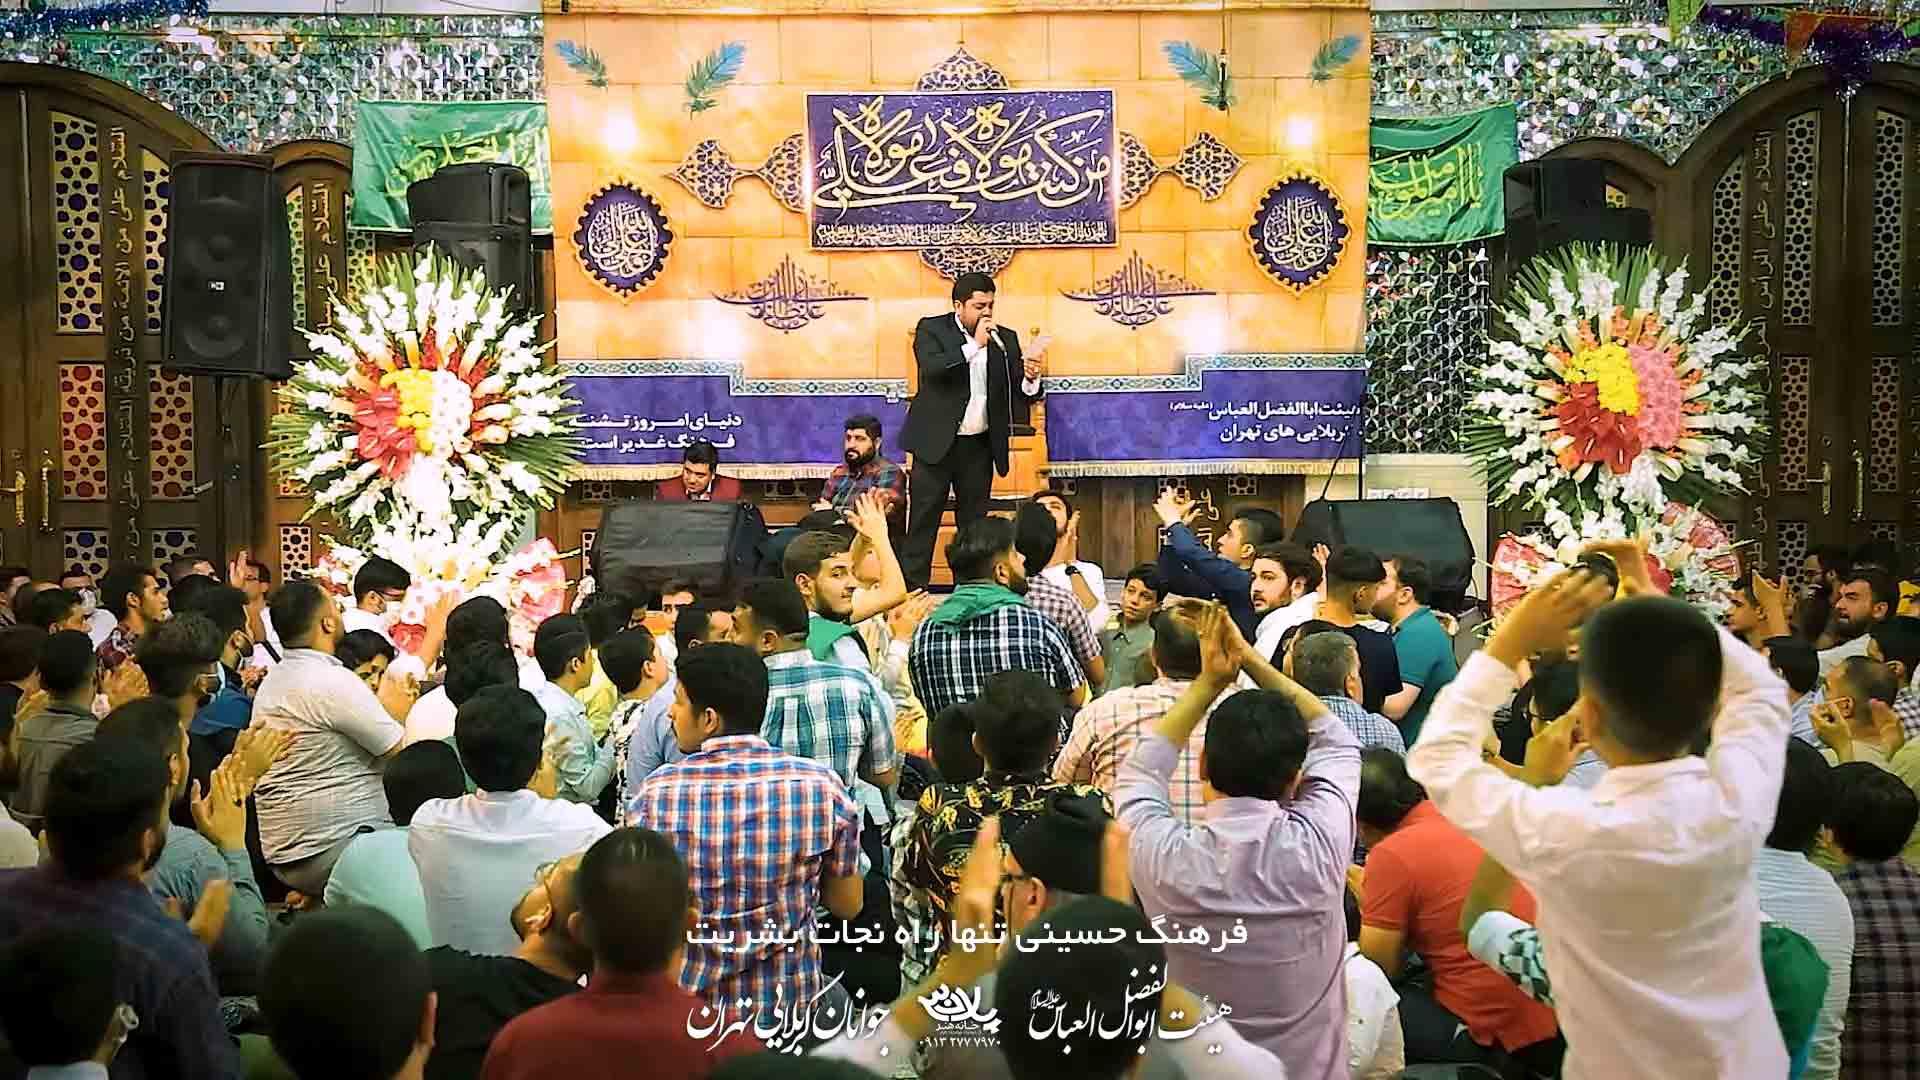 علی یا حیدر ملا محمد معتمدی